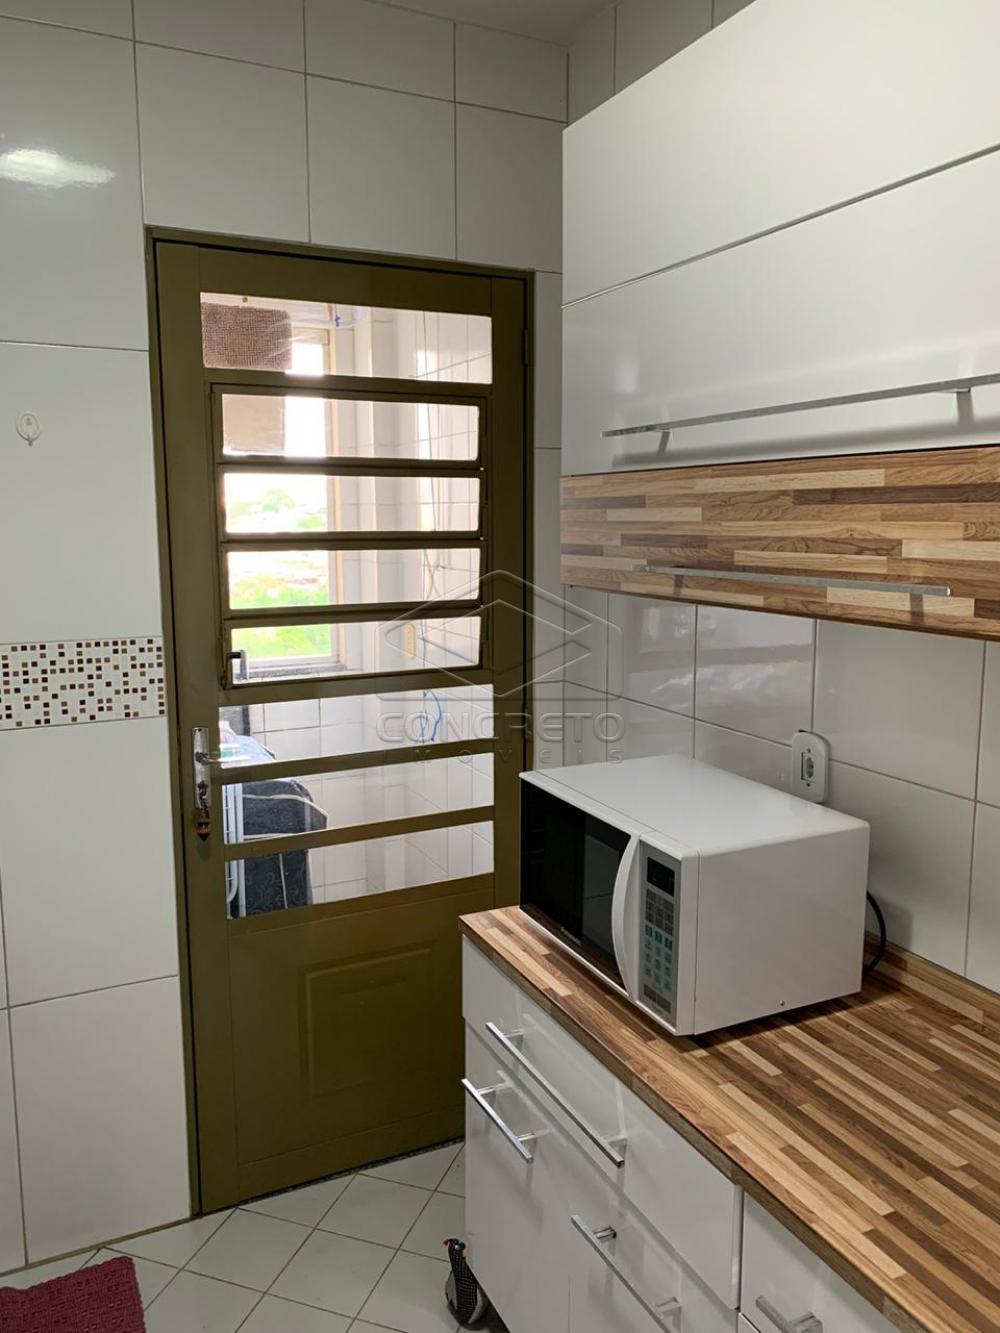 Comprar Apartamento / Padrão em Bauru apenas R$ 175.000,00 - Foto 12